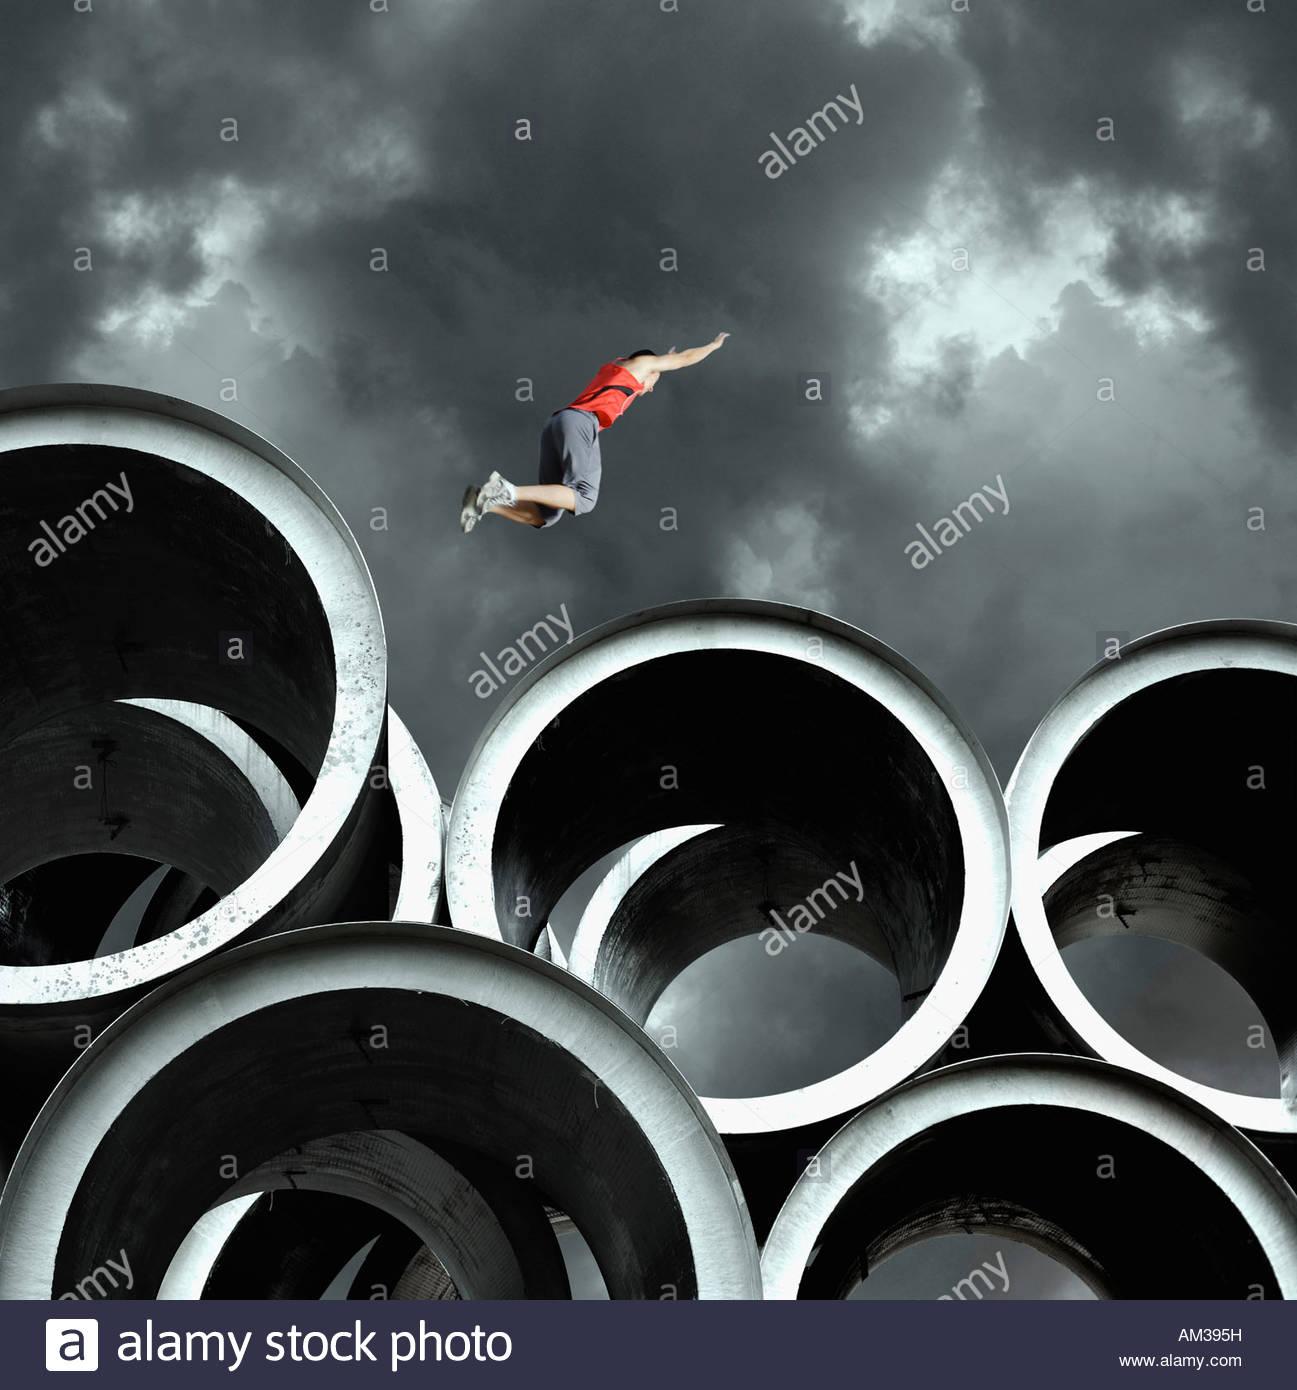 Longtemps cavalier sur de grands cylindres Photo Stock